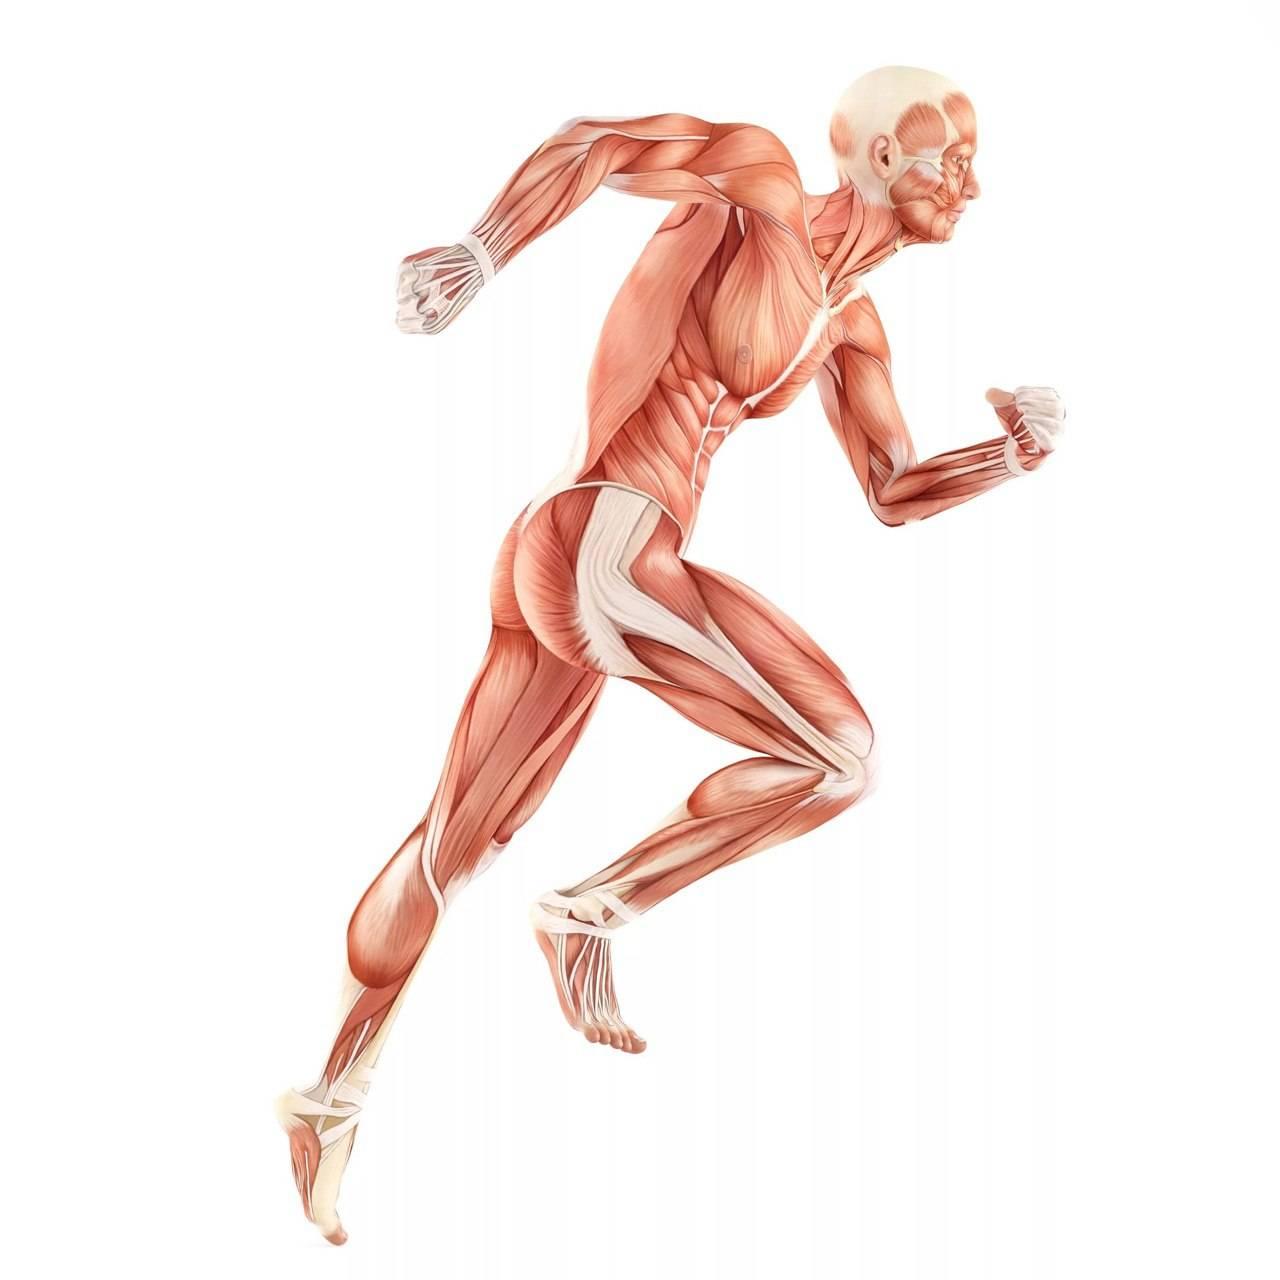 Мышцы голени. передняя группа